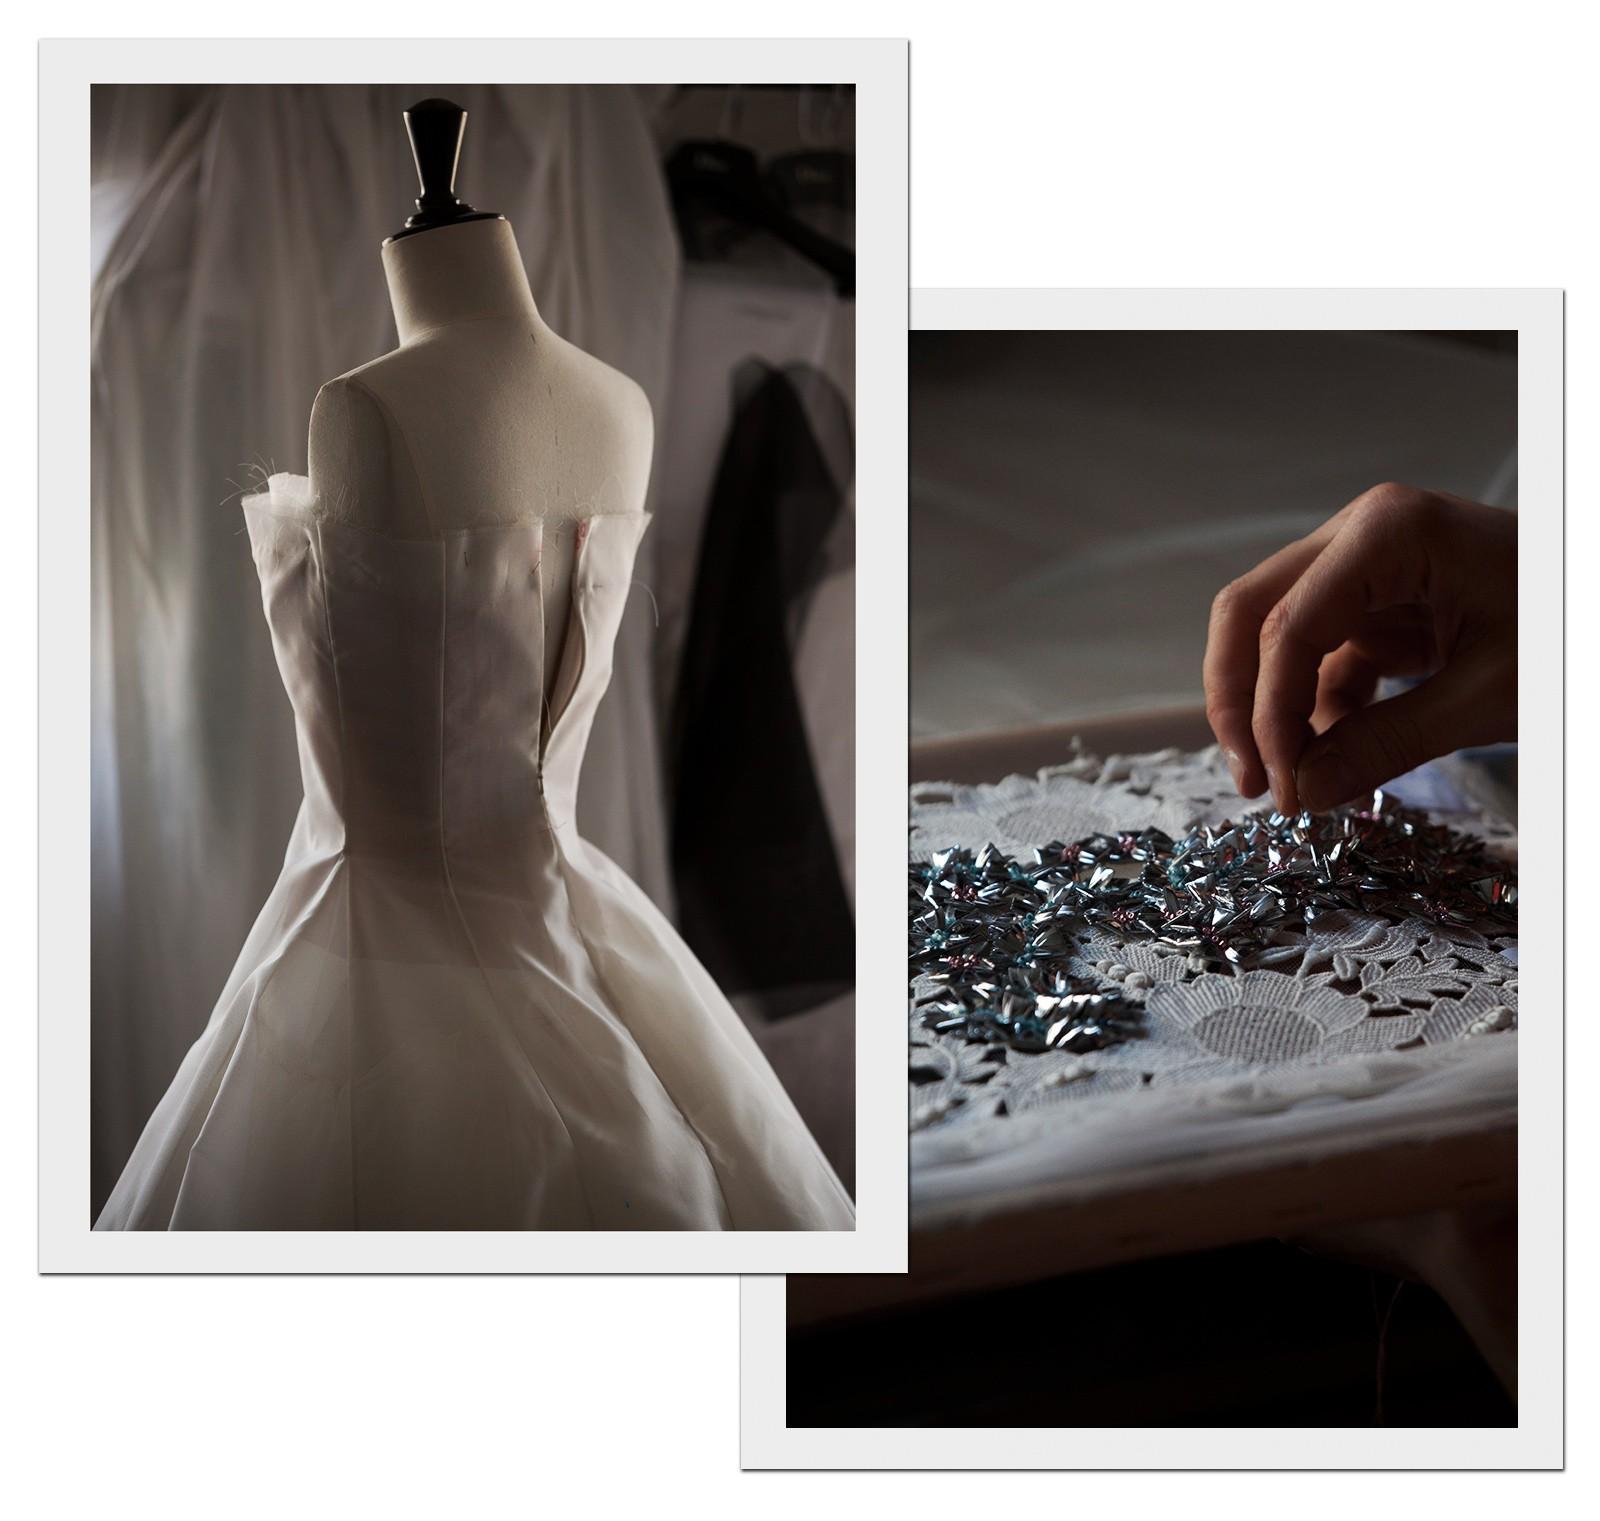 Dior revela os minuciosos detalhes de sua alta-costura verão 2015 em vídeo